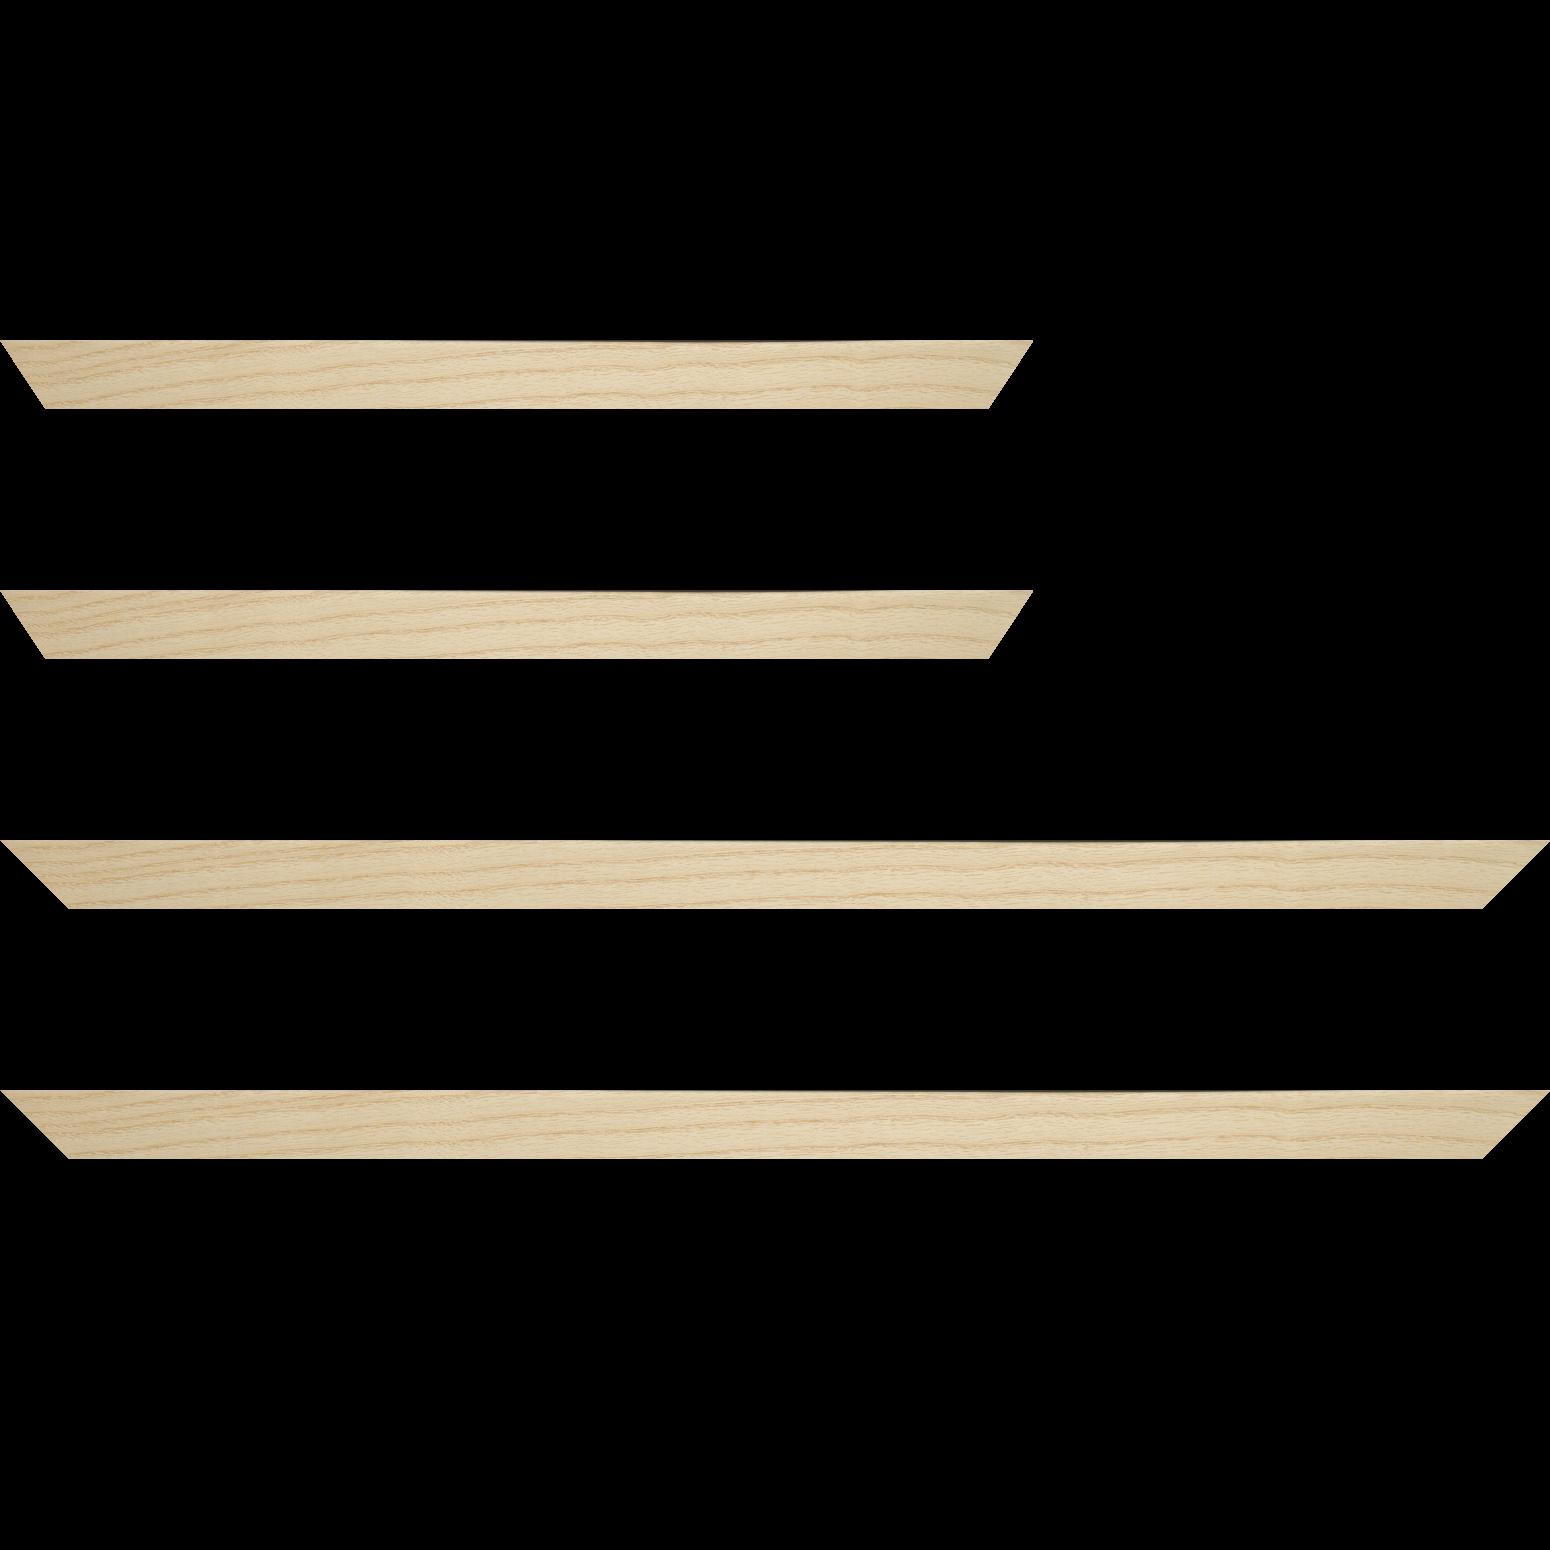 Baguette service précoupé Bois profil plat largeur 2.1cm hauteur 3.1cm plaquage haut de gamme frêne naturel